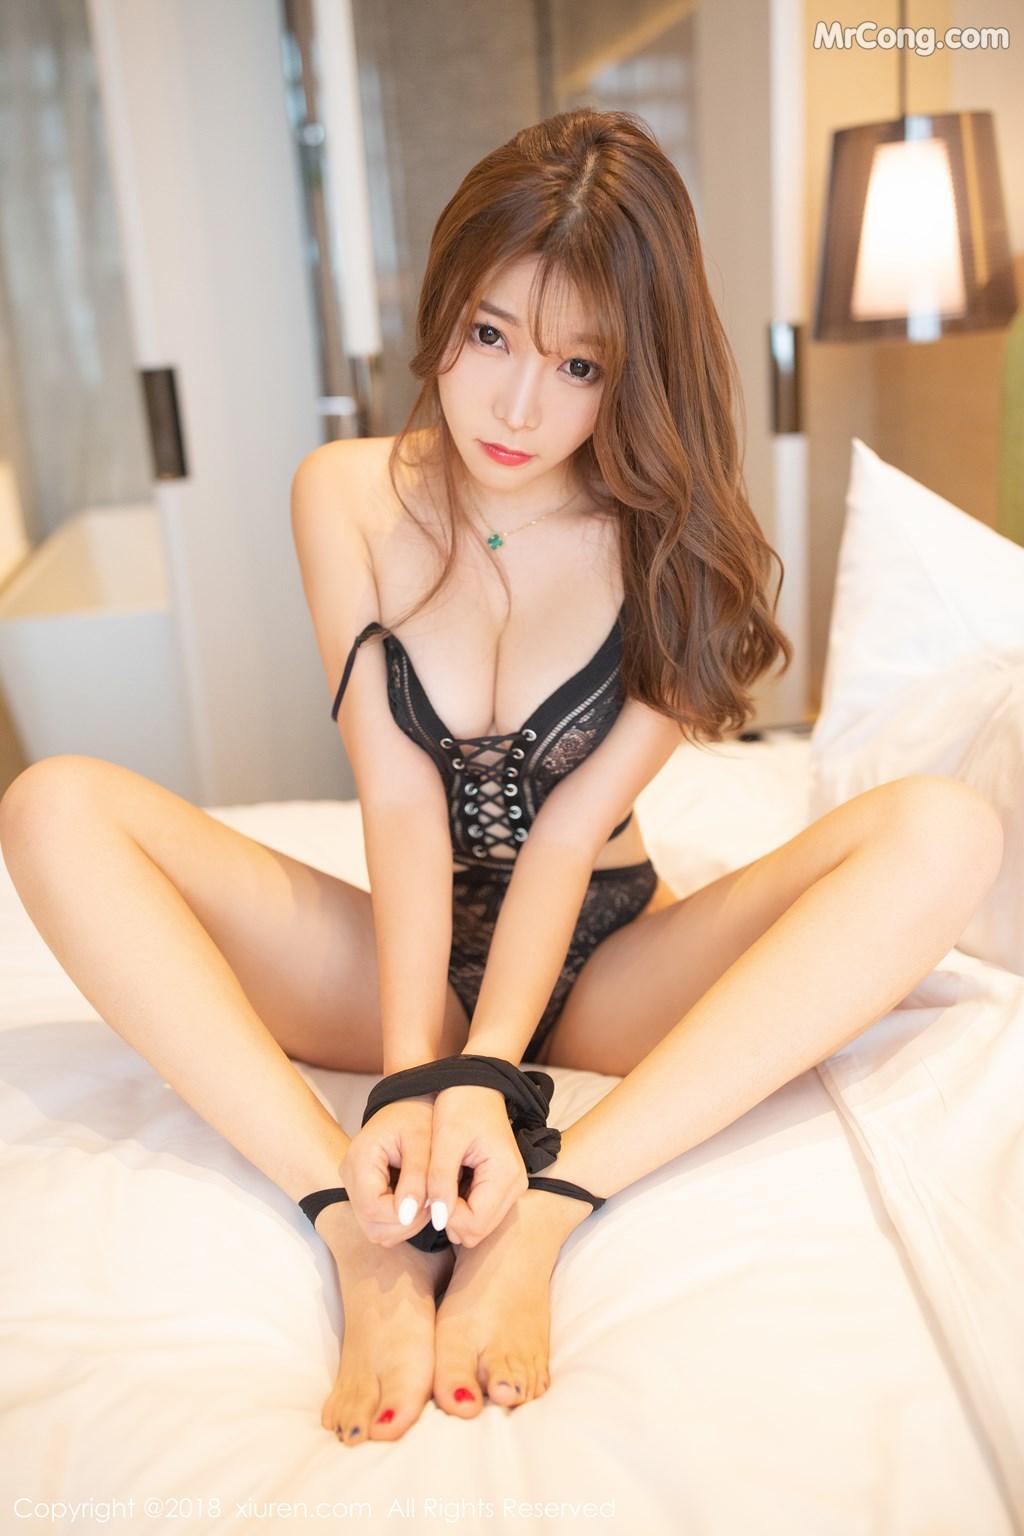 Image XIUREN-No.1278-Booty-Zhizhi-MrCong.com-004 in post XIUREN No.1278: Người mẫu Booty (44 ảnh)